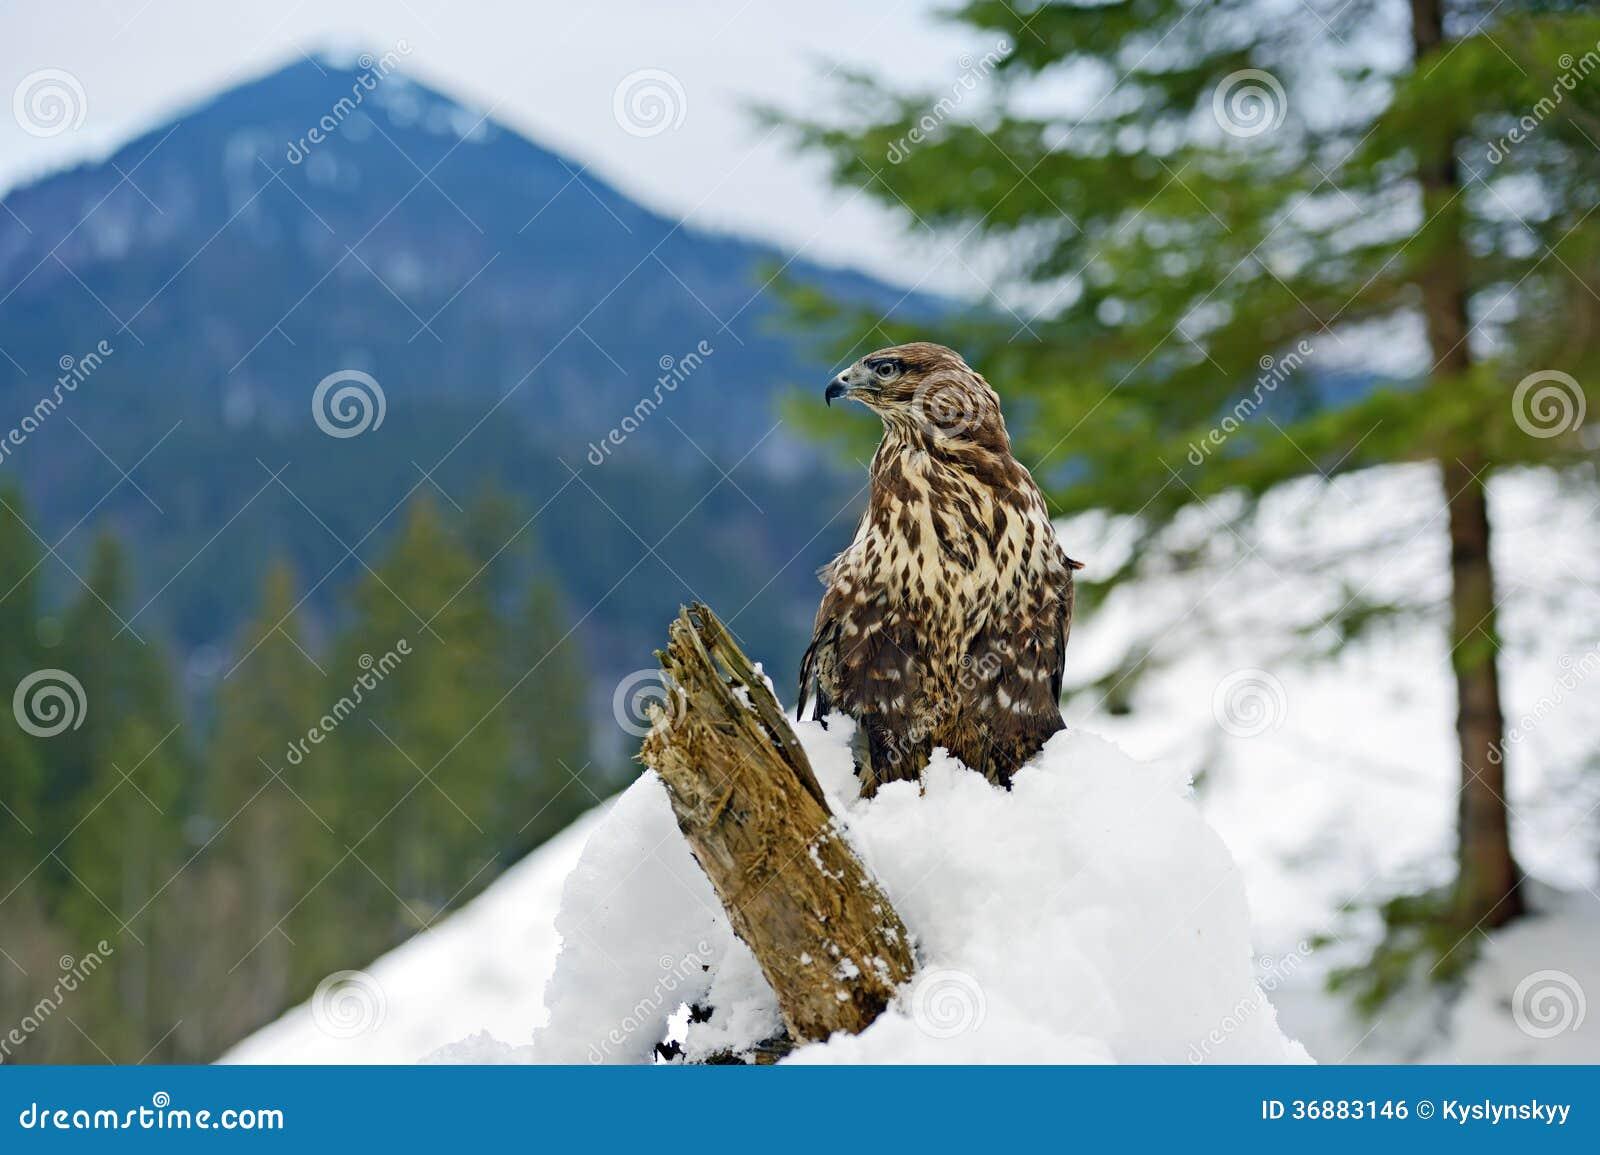 Download Buzzard fotografia stock. Immagine di neve, filiale, nave - 36883146